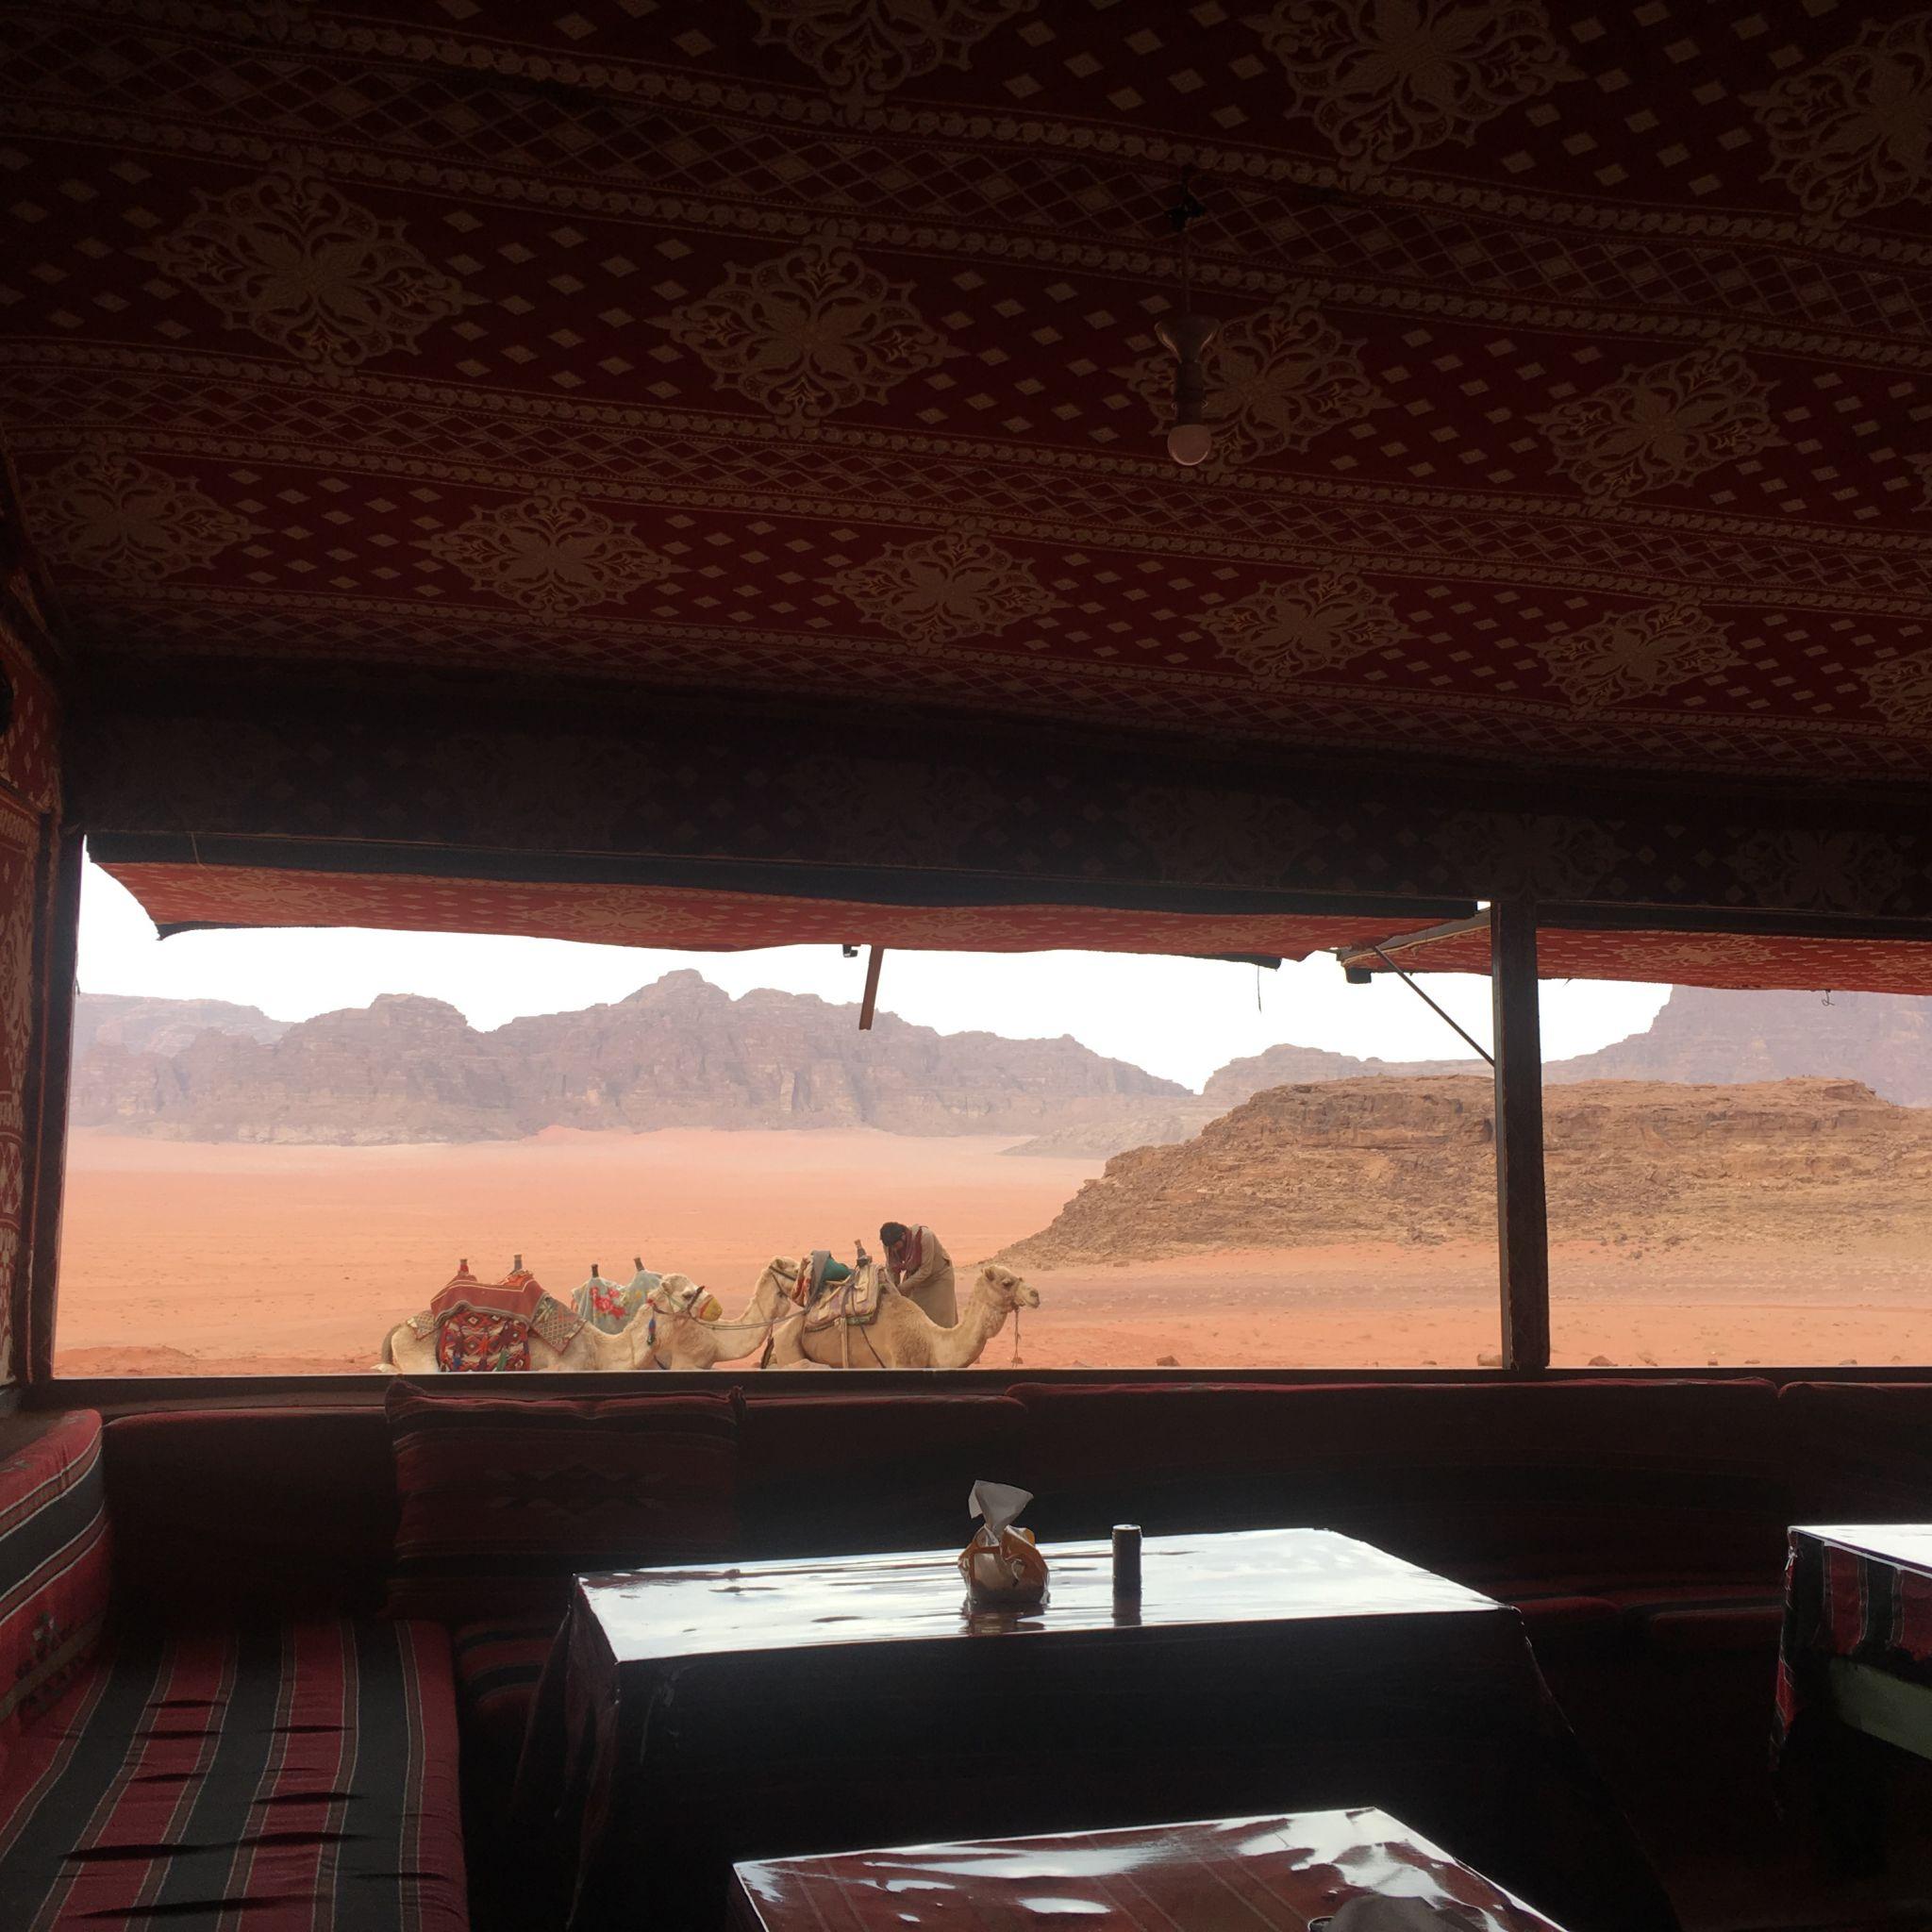 Wadi Rum Bedouin Camp, Jordan